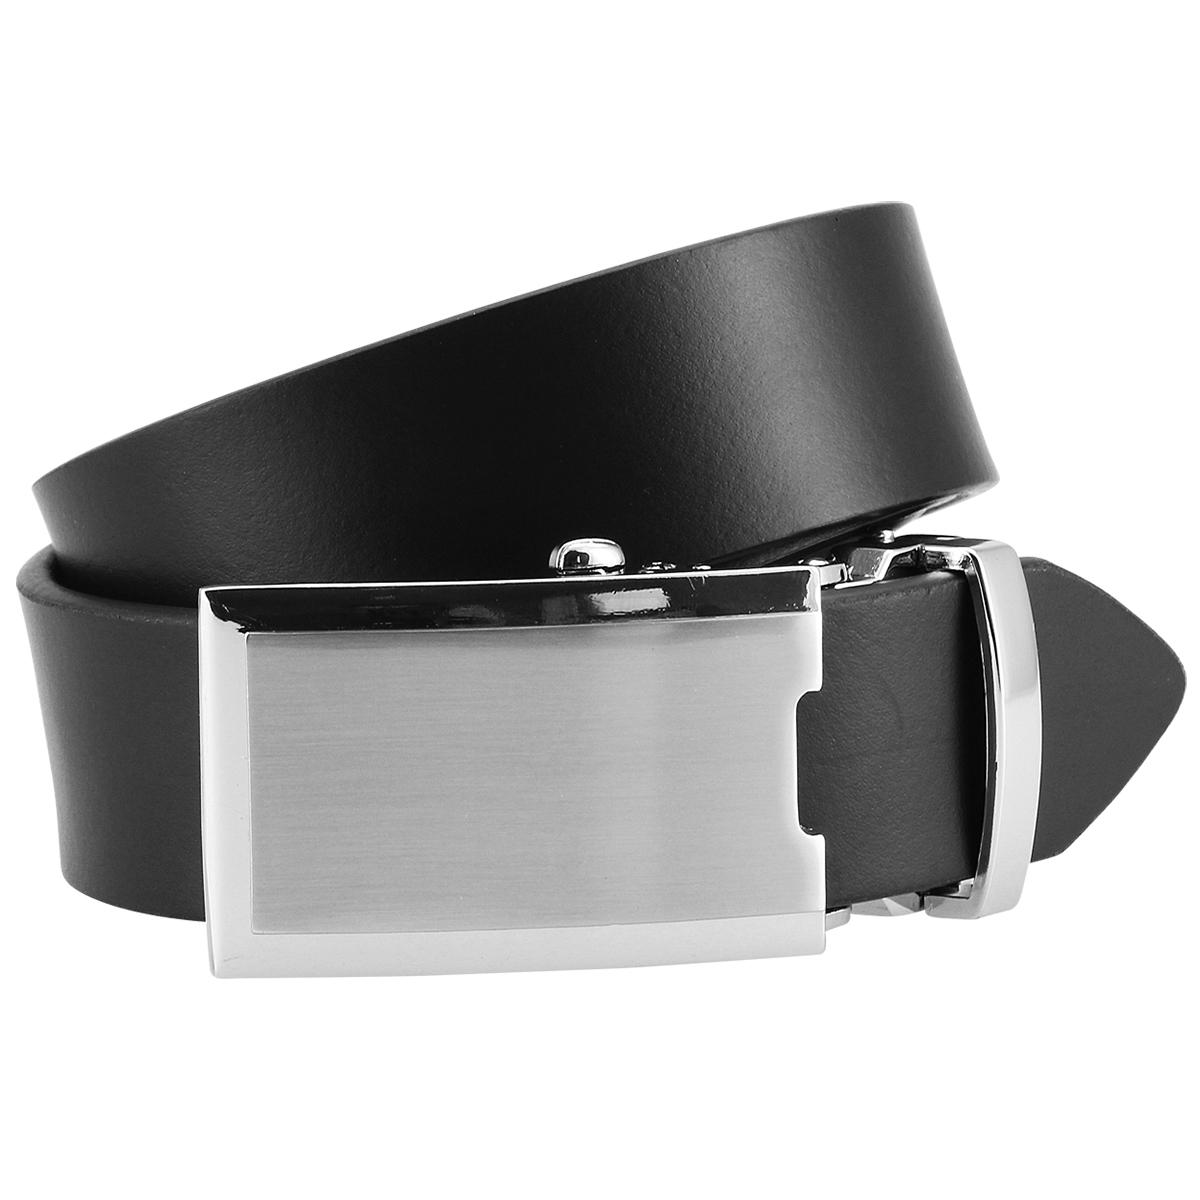 Lindenmann Ledergürtel Anzug Gürtel schwarz Automatik Koppelschnalle 1005001 schwarz